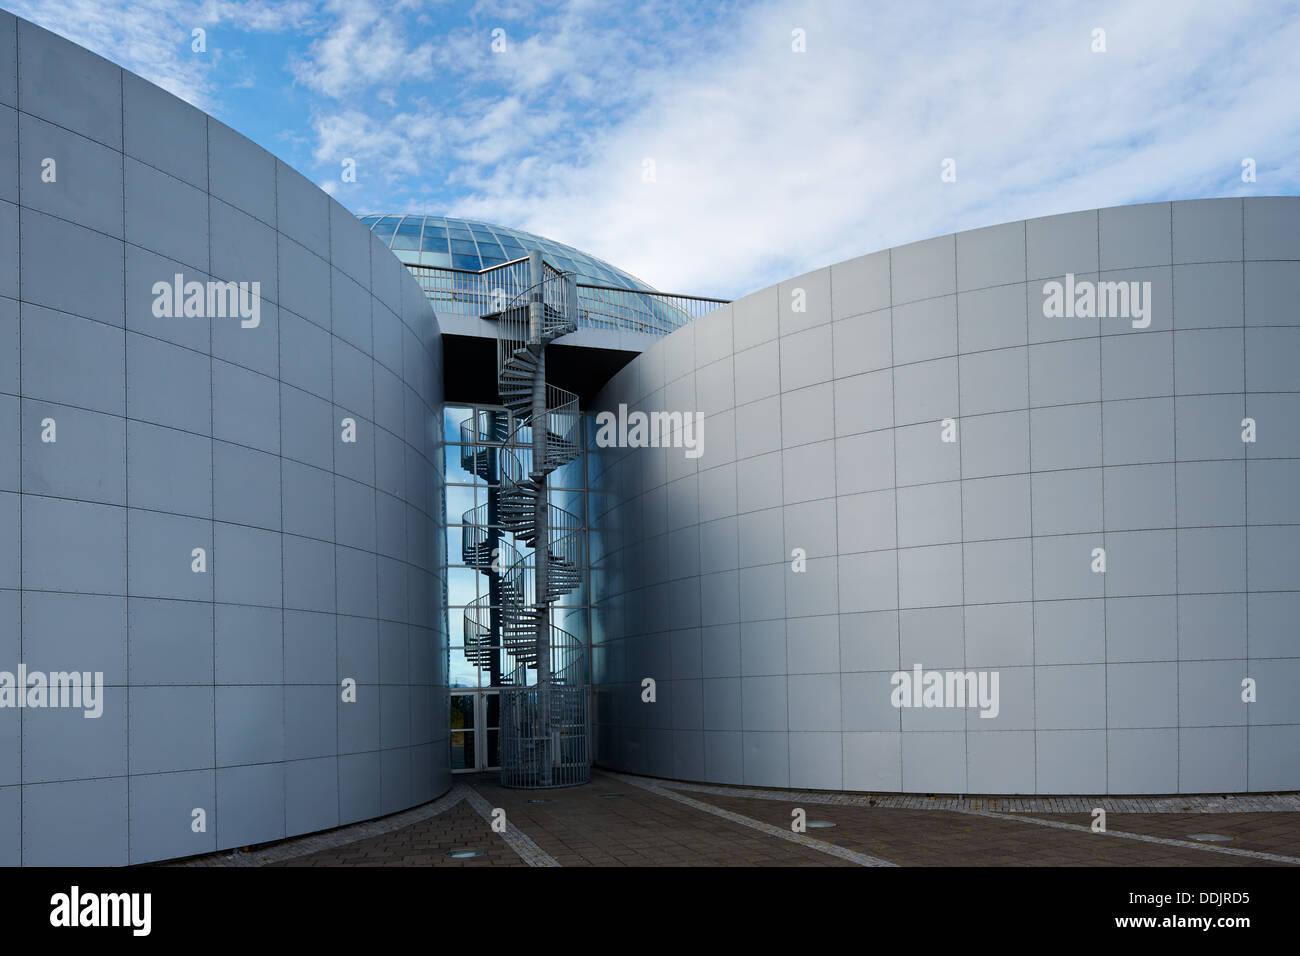 Perlan Saga Museum, Reykjavik, Iceland - Stock Image